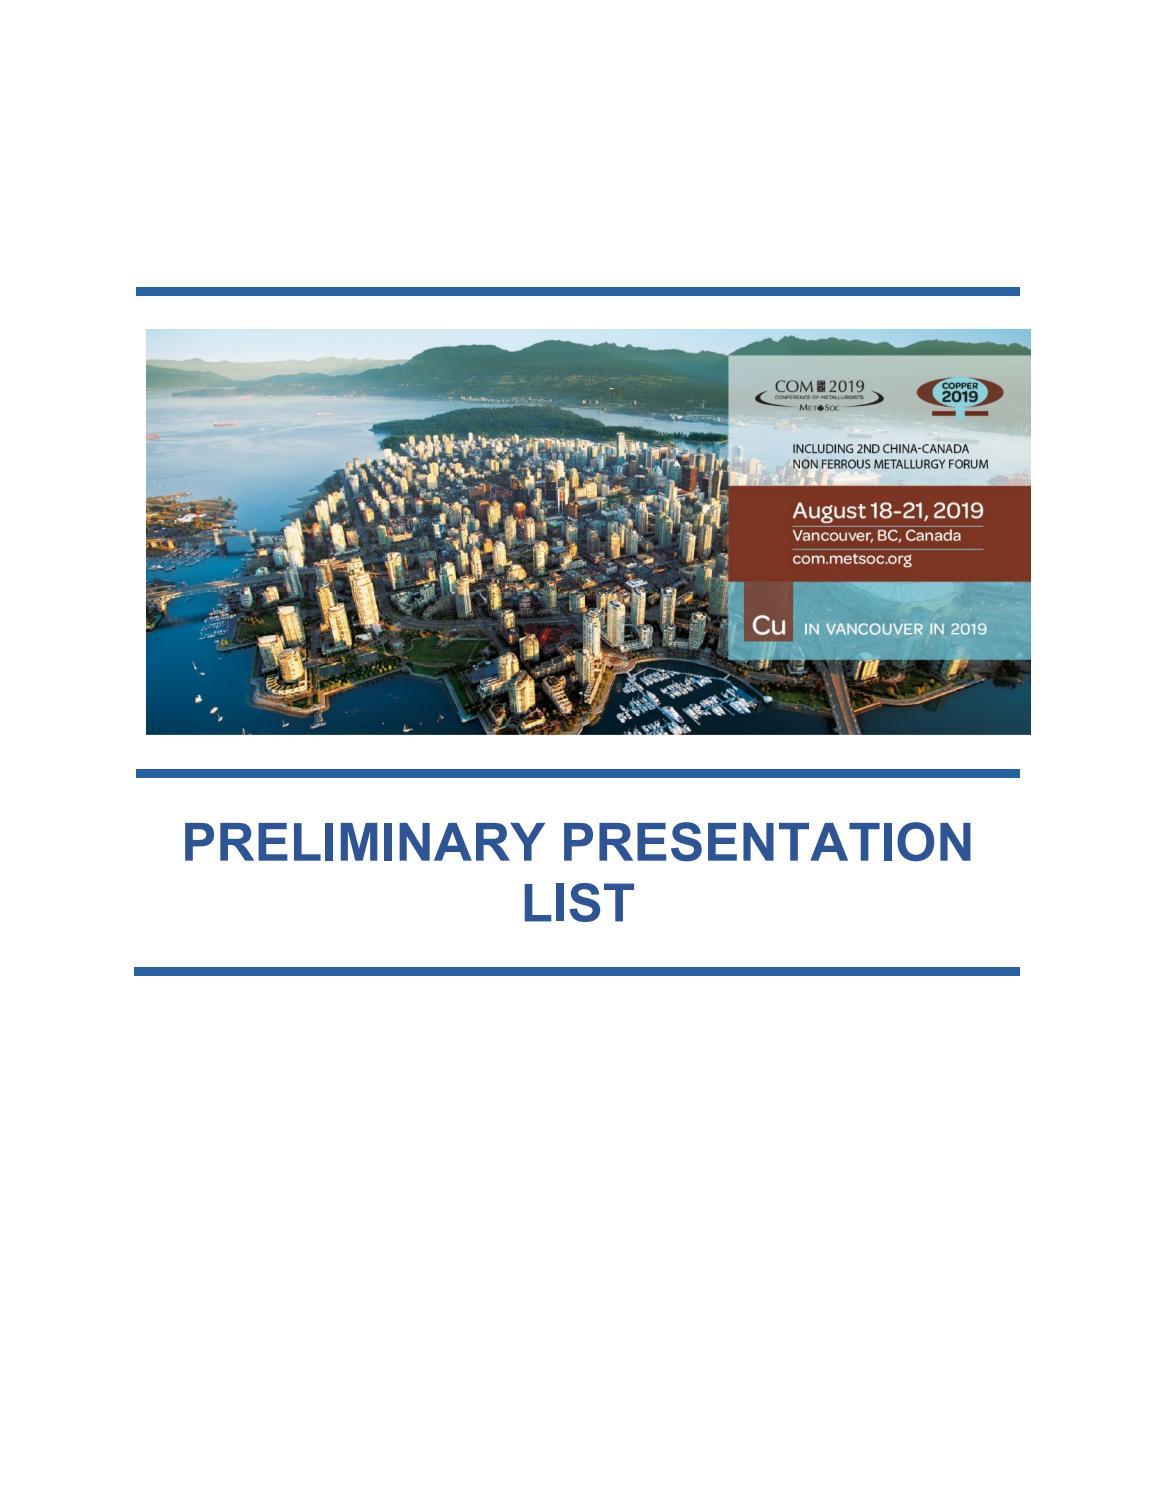 Preliminary Presentation List by CIM-ICM Publications - issuu